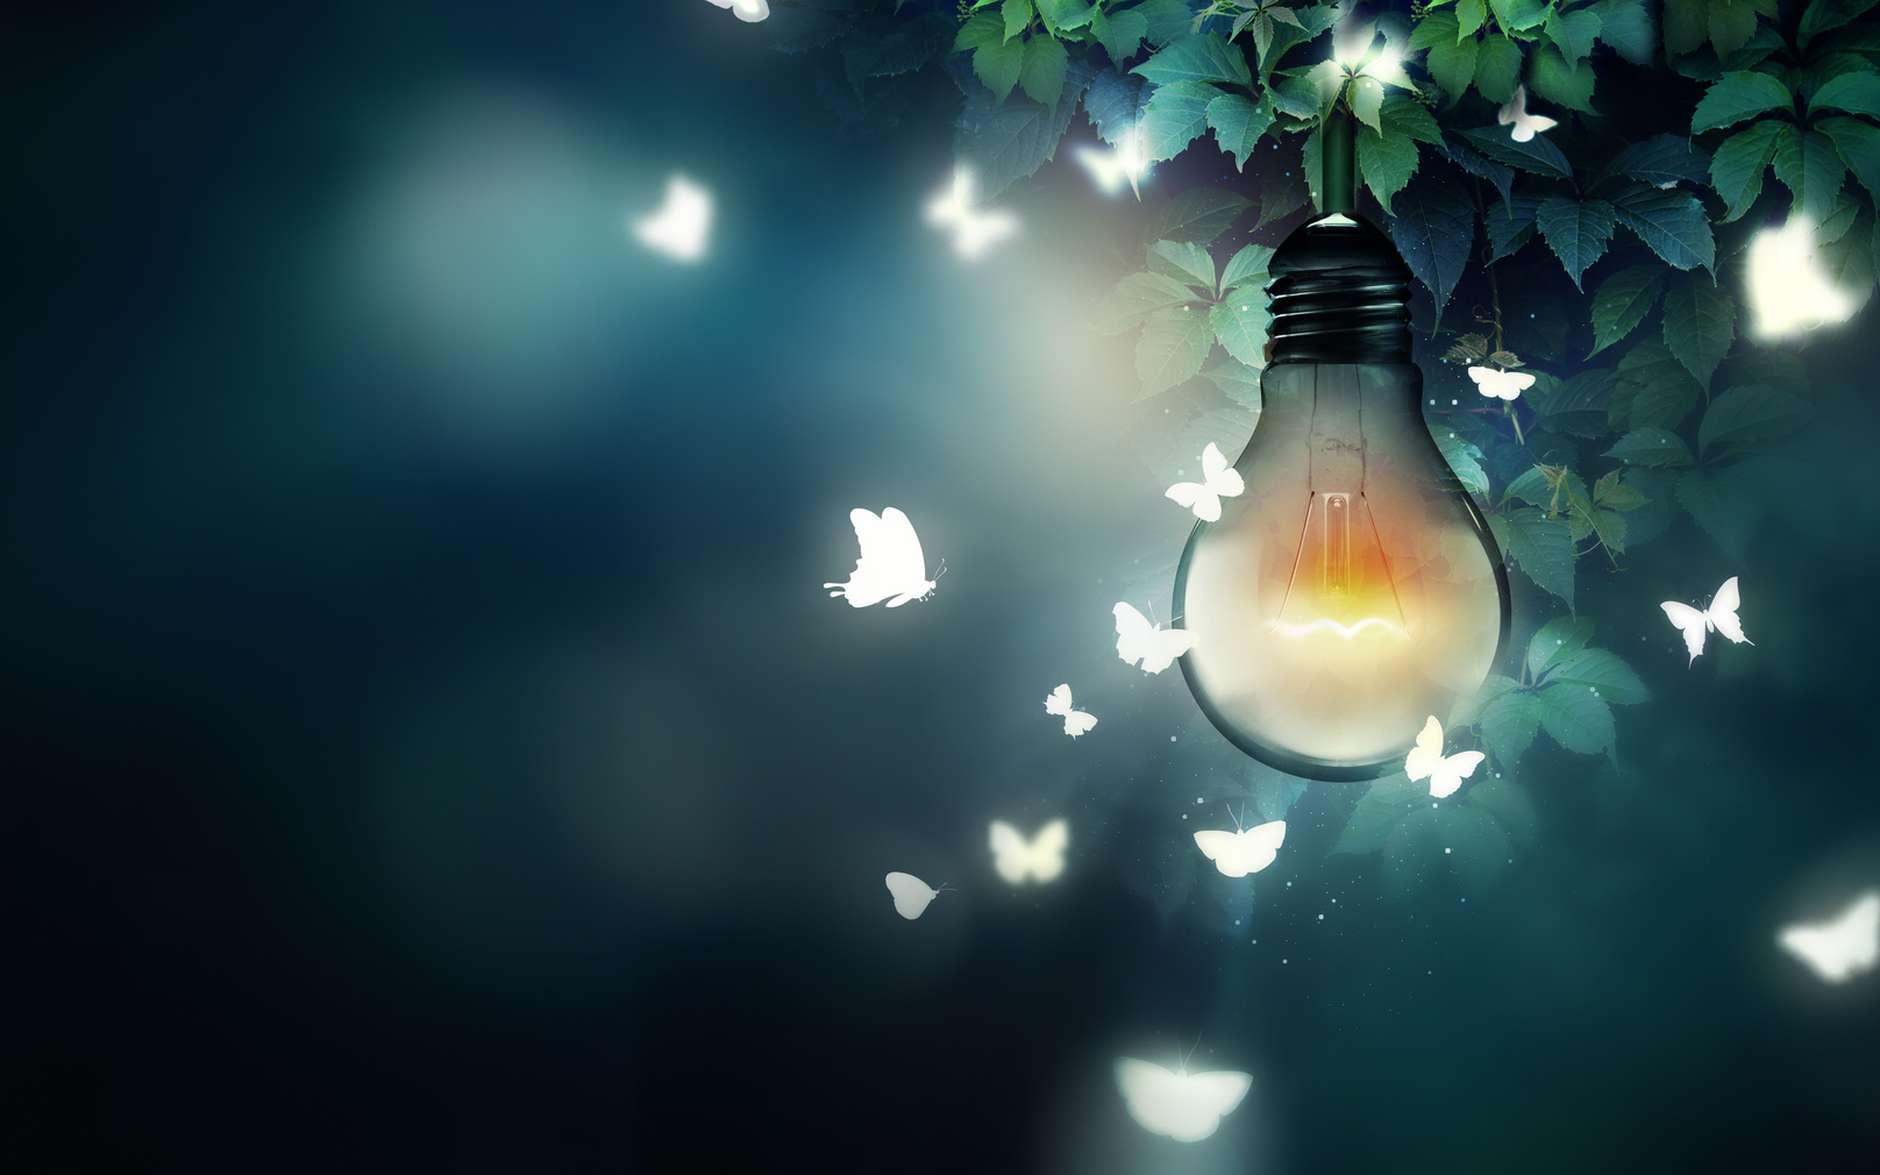 La pollution lumineuse menace la pollinisation. Les papillons de nuit sont des pollinisateurs de plantes qui représentent aussi une source de nourriture pour les pollinisateurs de jour. © Zffoto, Fotolia